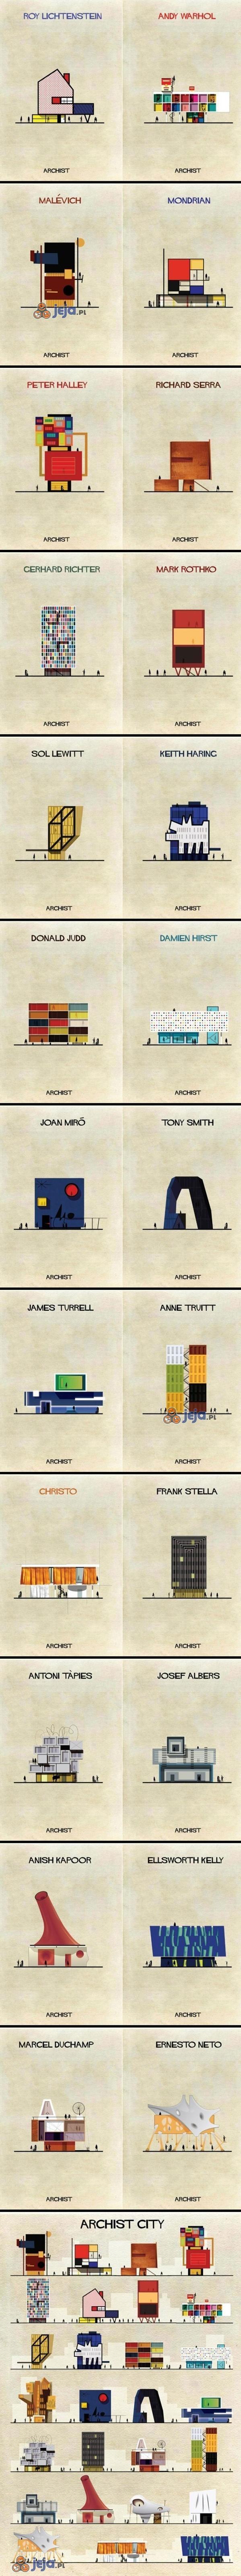 Gdyby artyści zajęli się architekturą